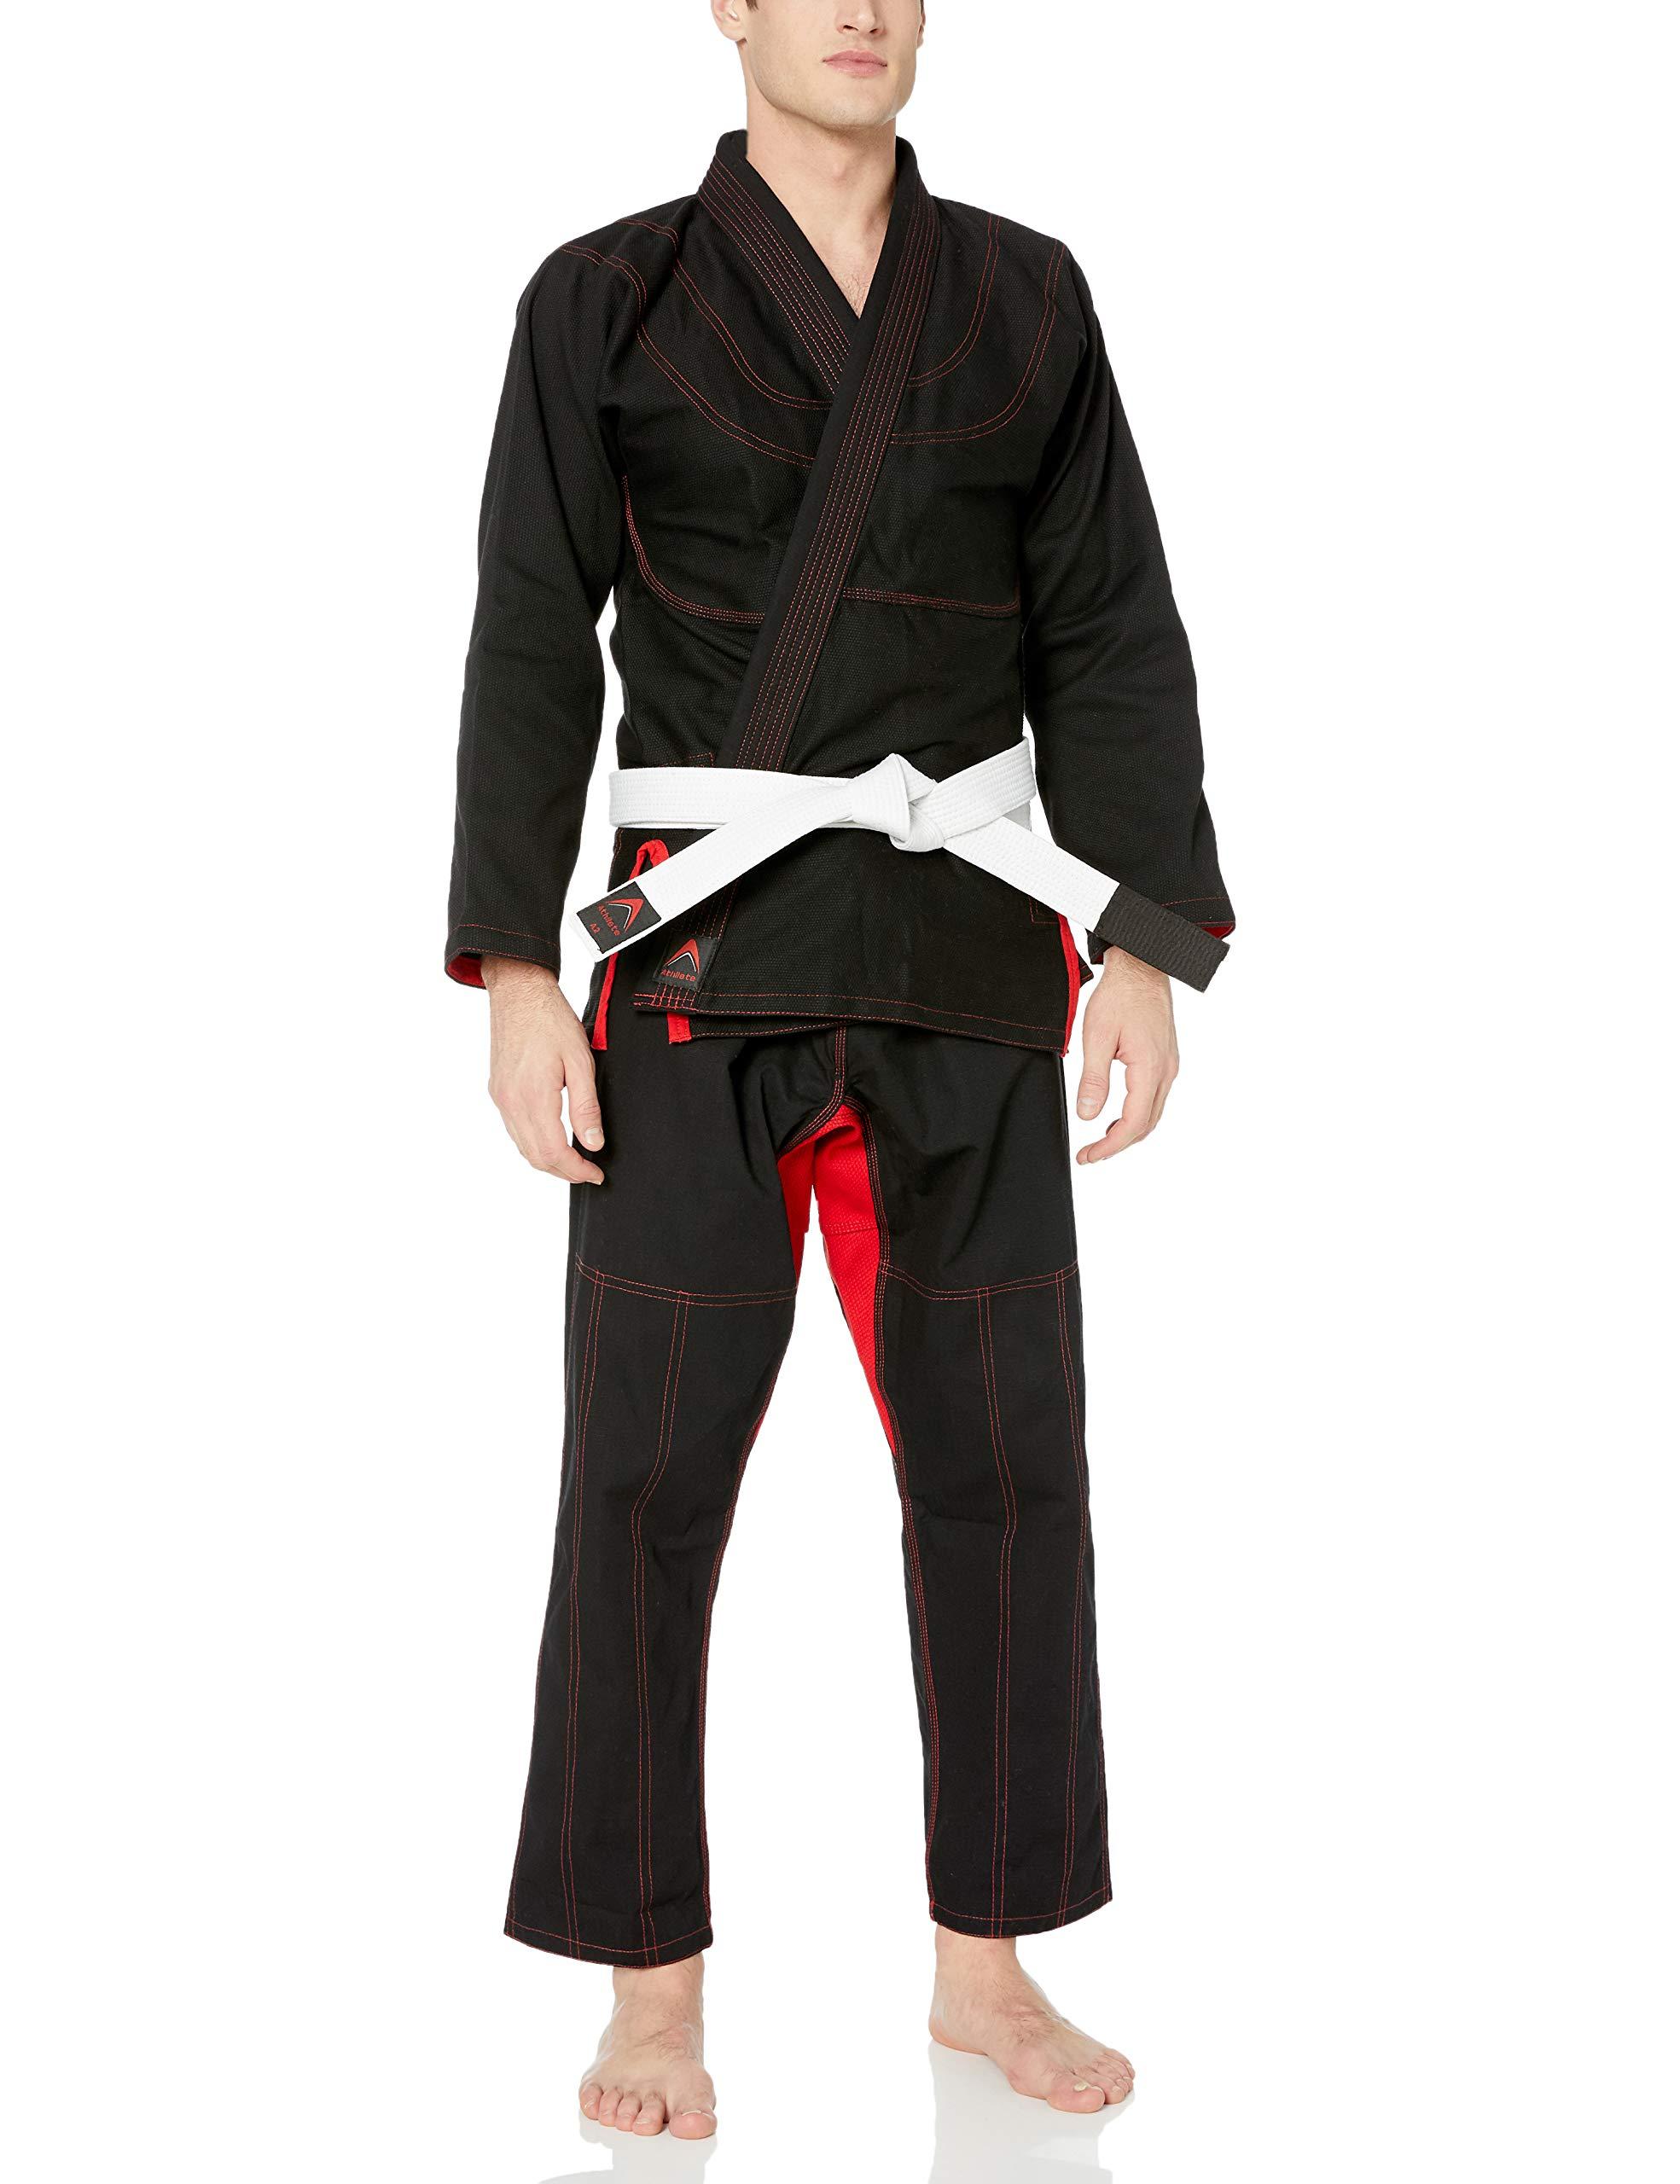 Athllete Jiu Jitsu Gi